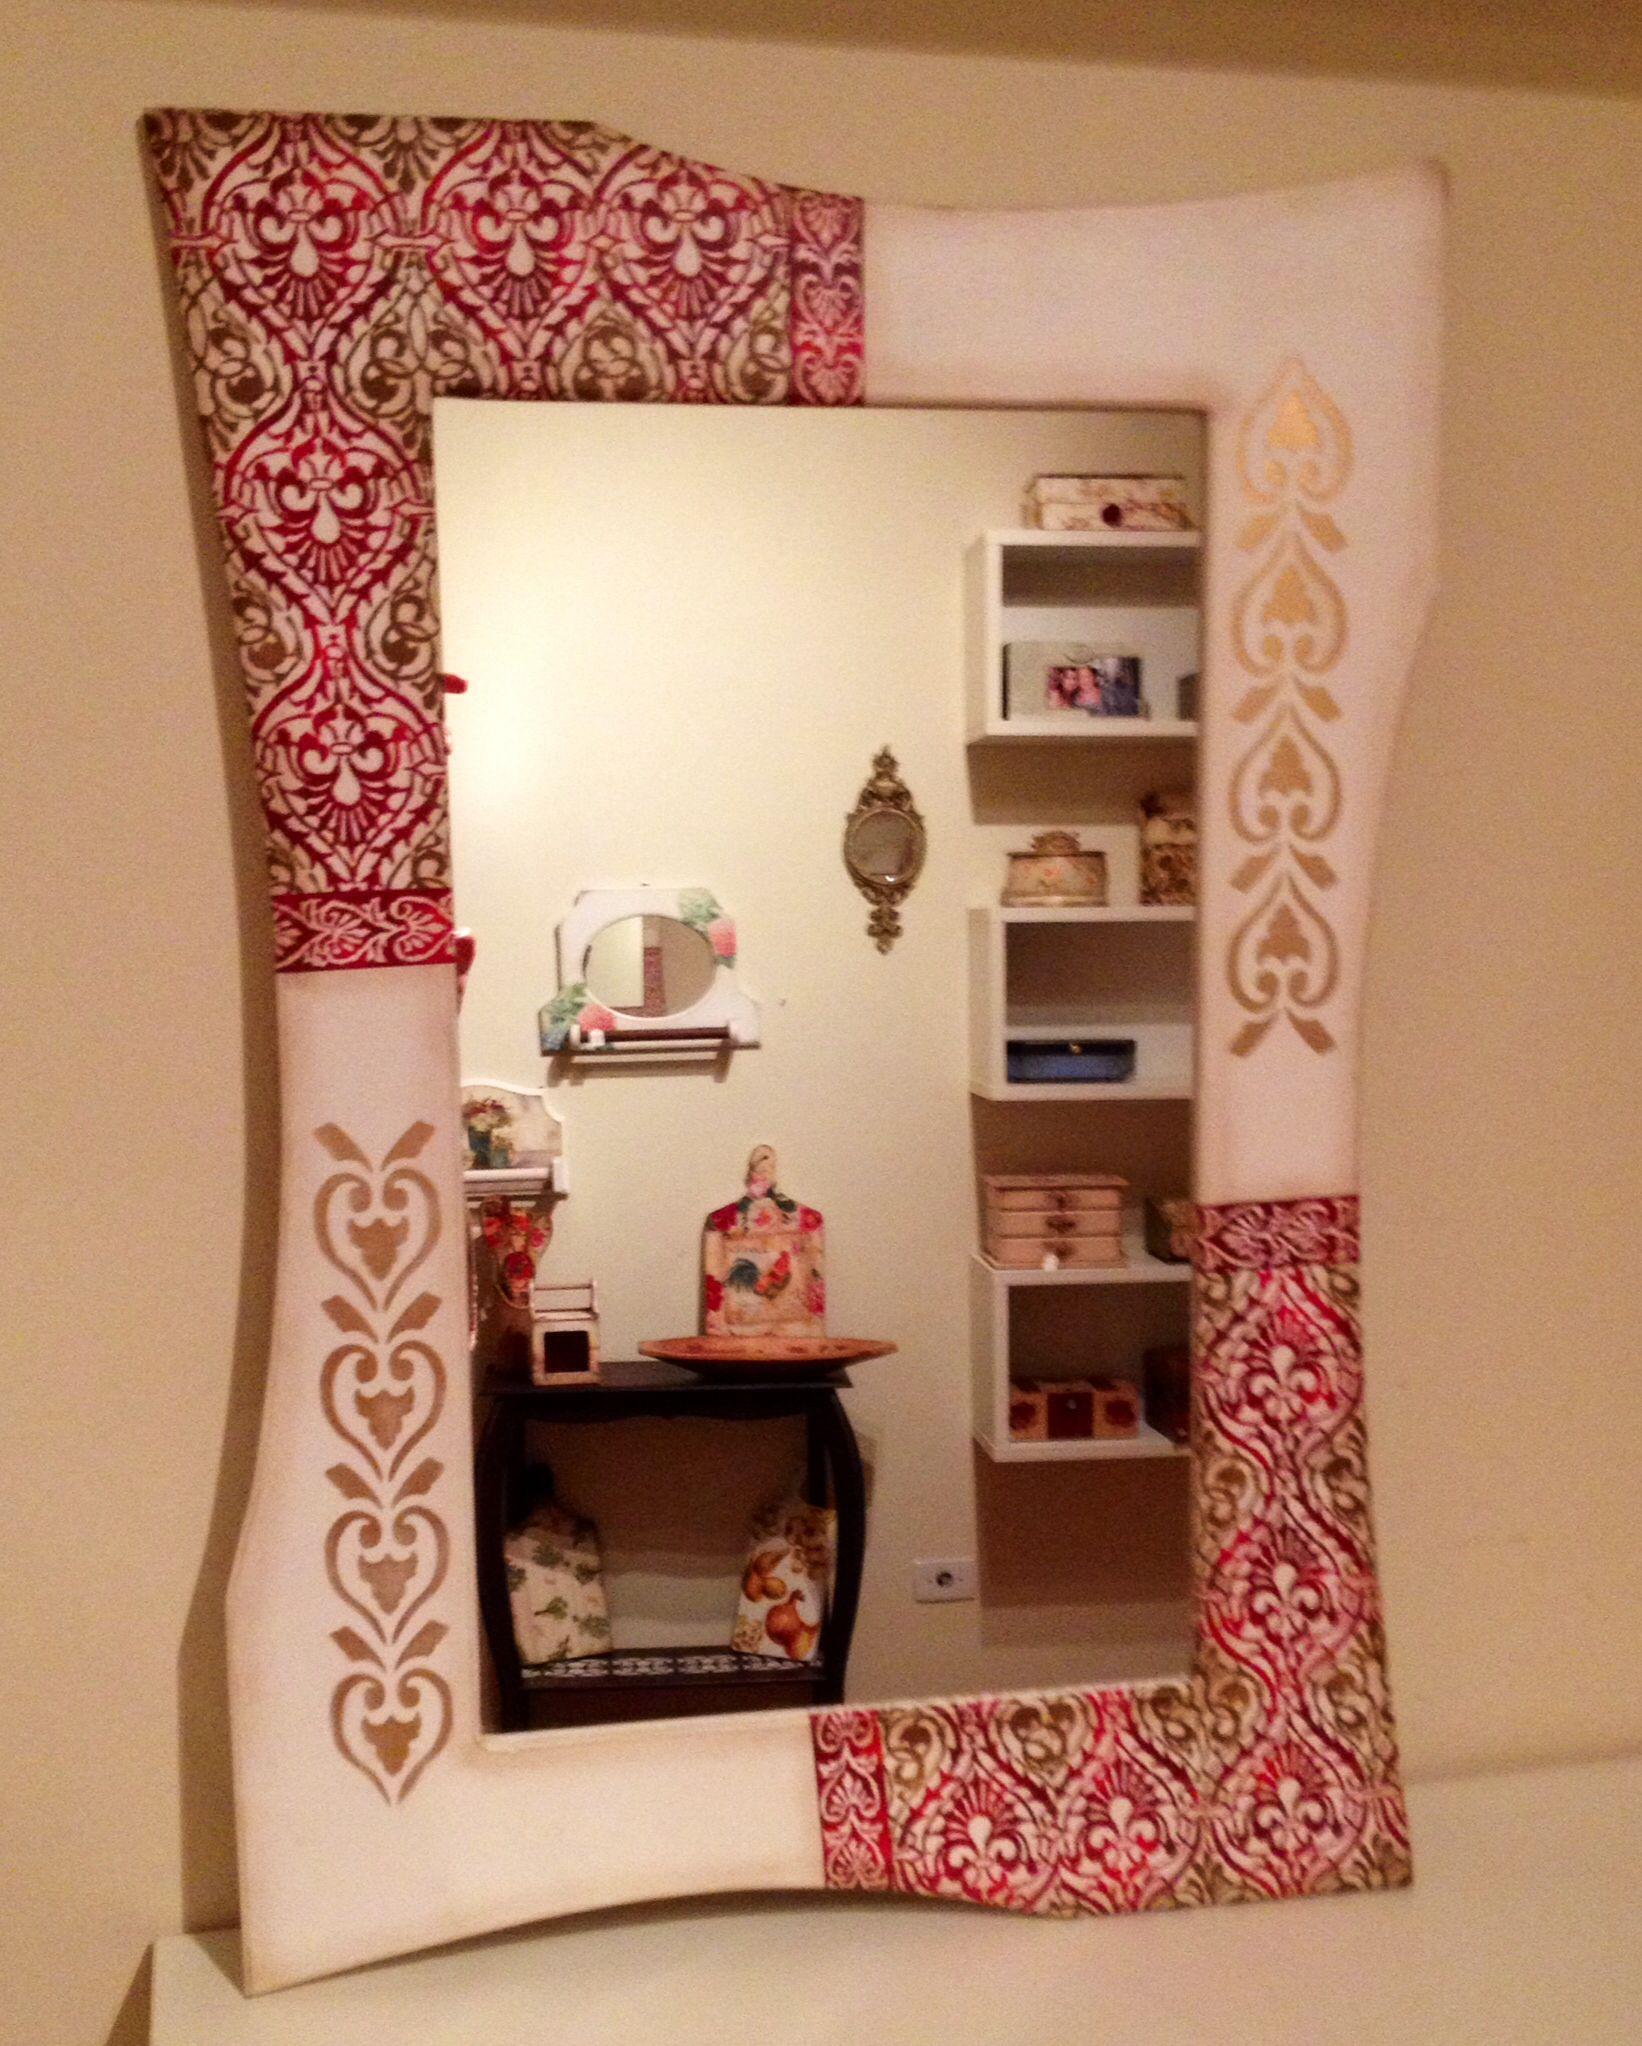 espejos reciclados espejos decorados muebles pintados siluetas vendimia maricela velas pinturas hogar